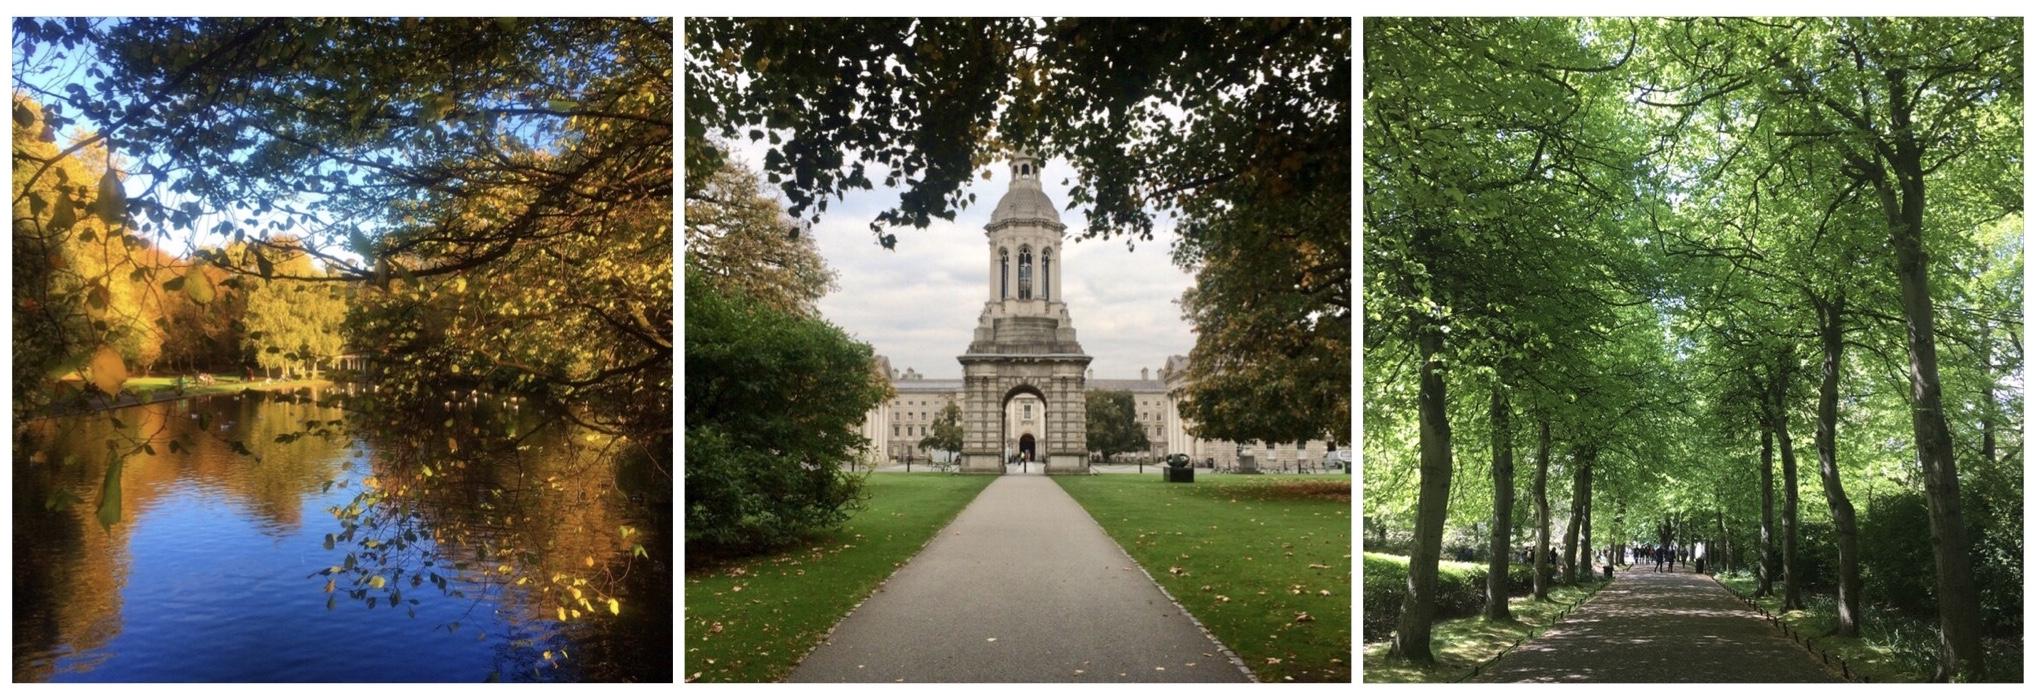 Dublin Play